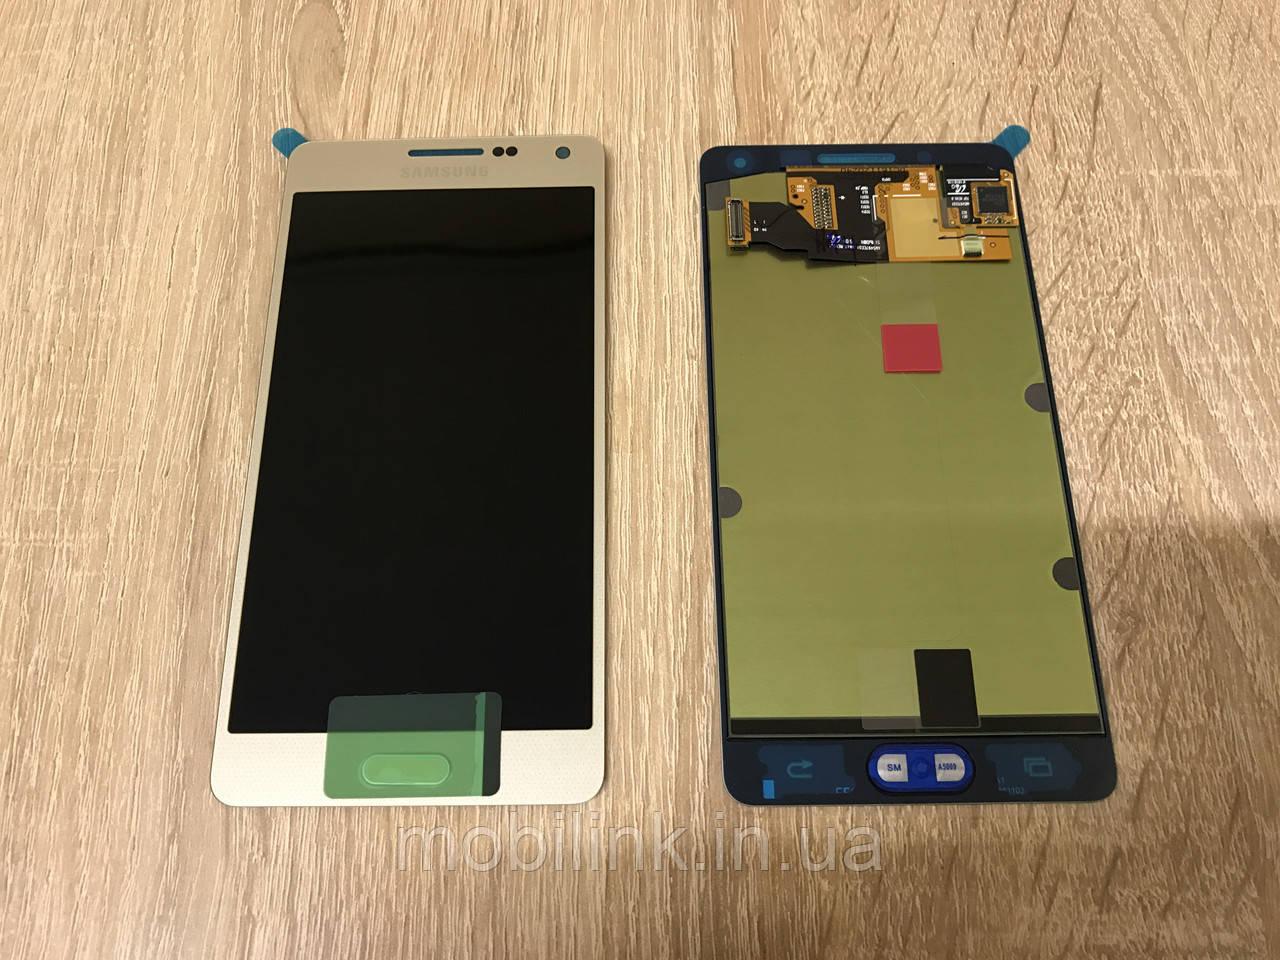 Дисплей на Samsung A500 Galaxy A5 Золото(Gold),GH97-16679F, Super AMOLED!